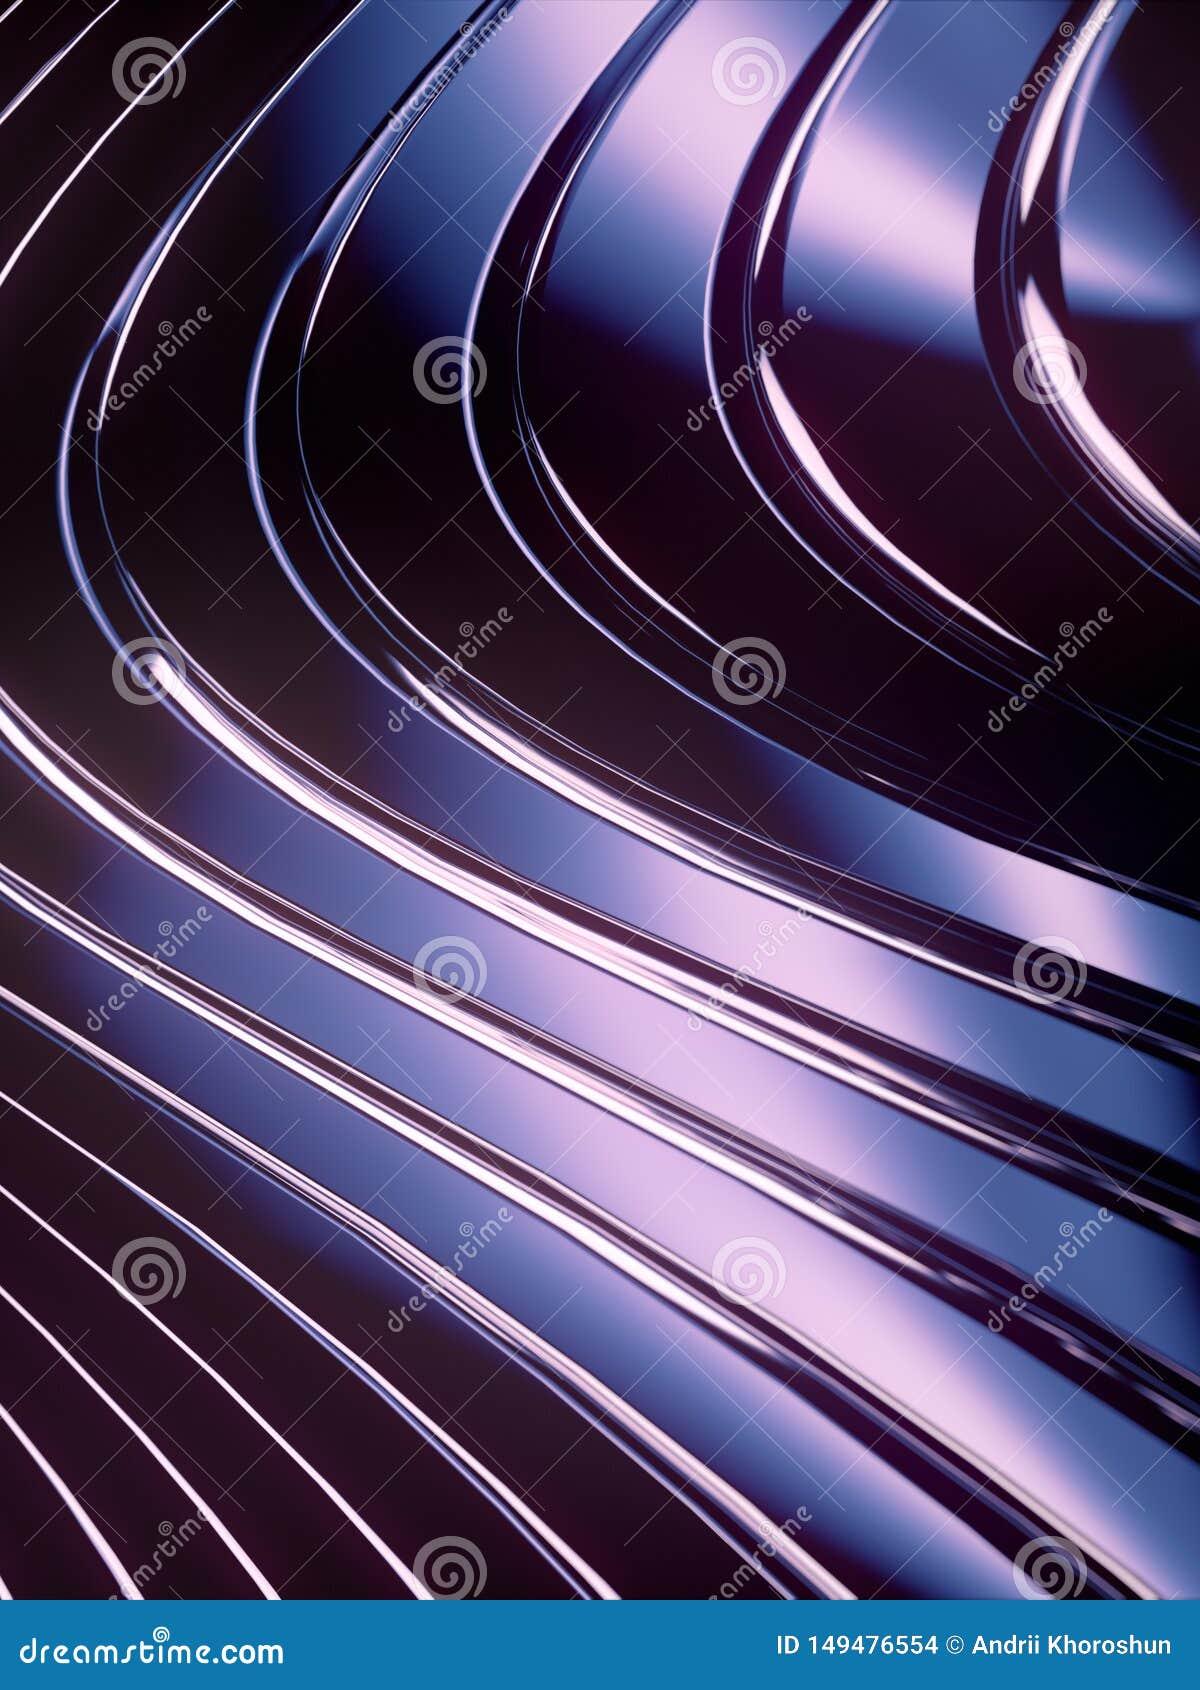 Fond d abrégé sur bande de vague Réflexions roses lumineuses sur la surface métallique foncée rendu 3d